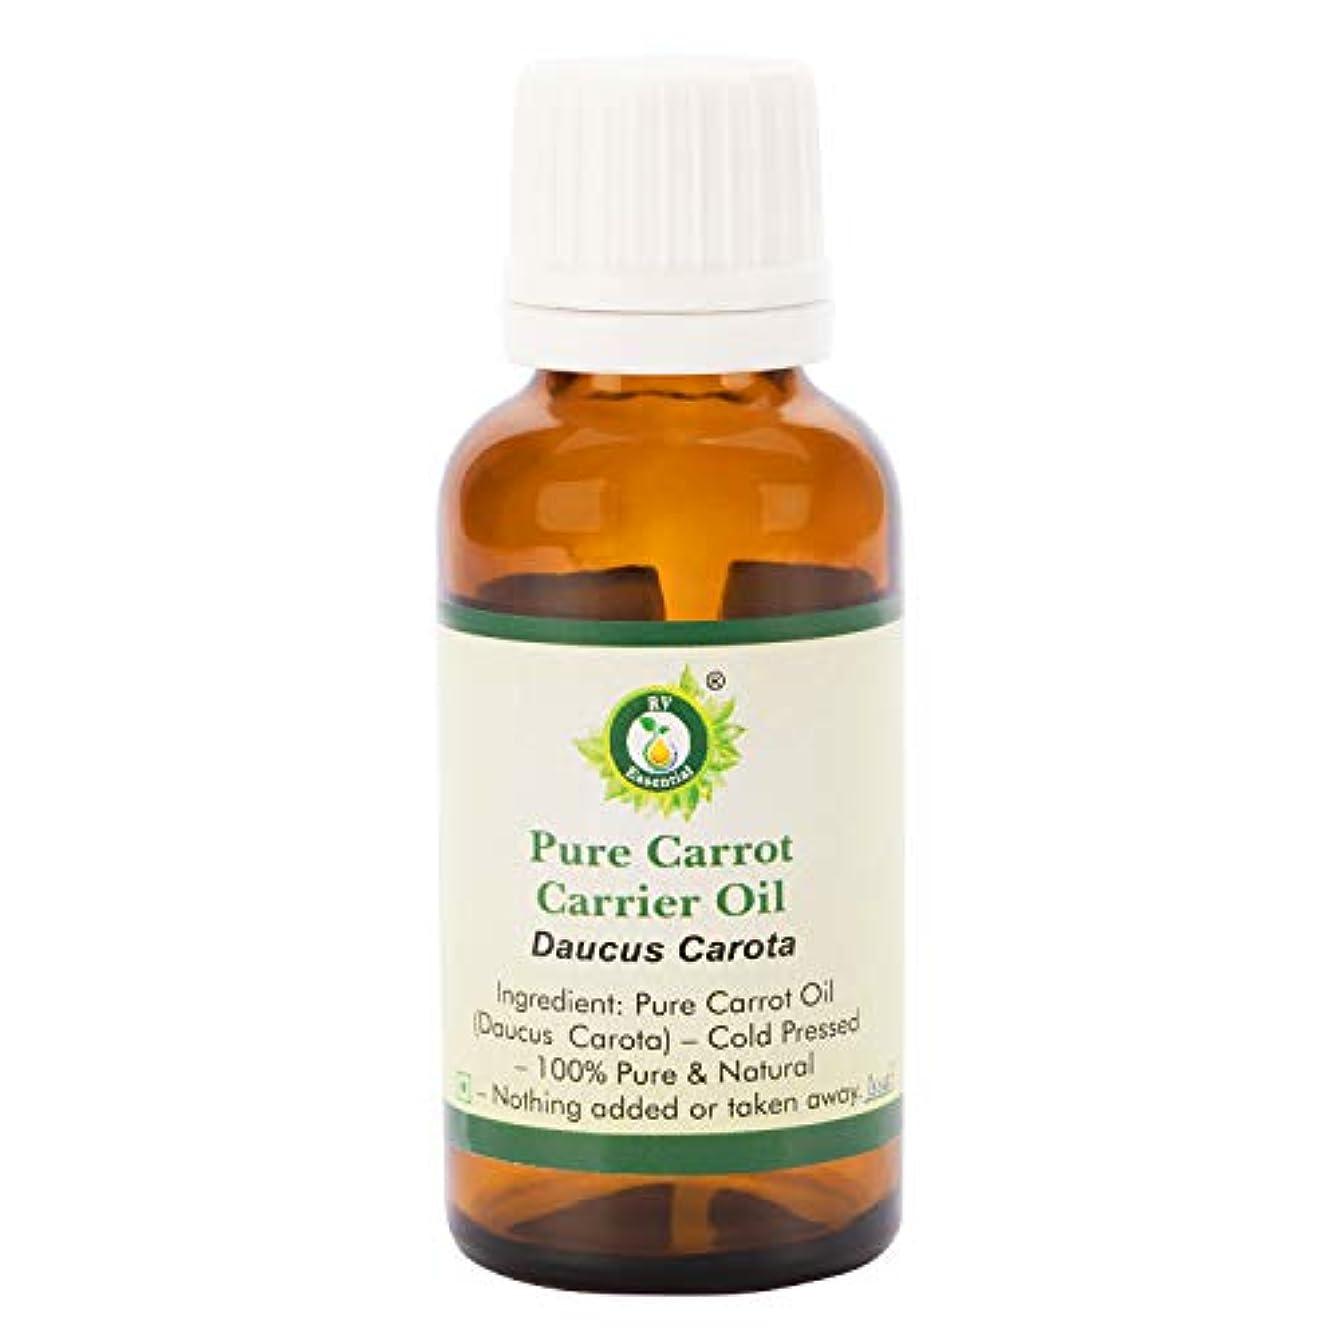 ピュアキャロットキャリアオイル100ml (3.38oz)- Daucus Carota (100%ピュア&ナチュラルコールドPressed) Pure Carrot Carrier Oil